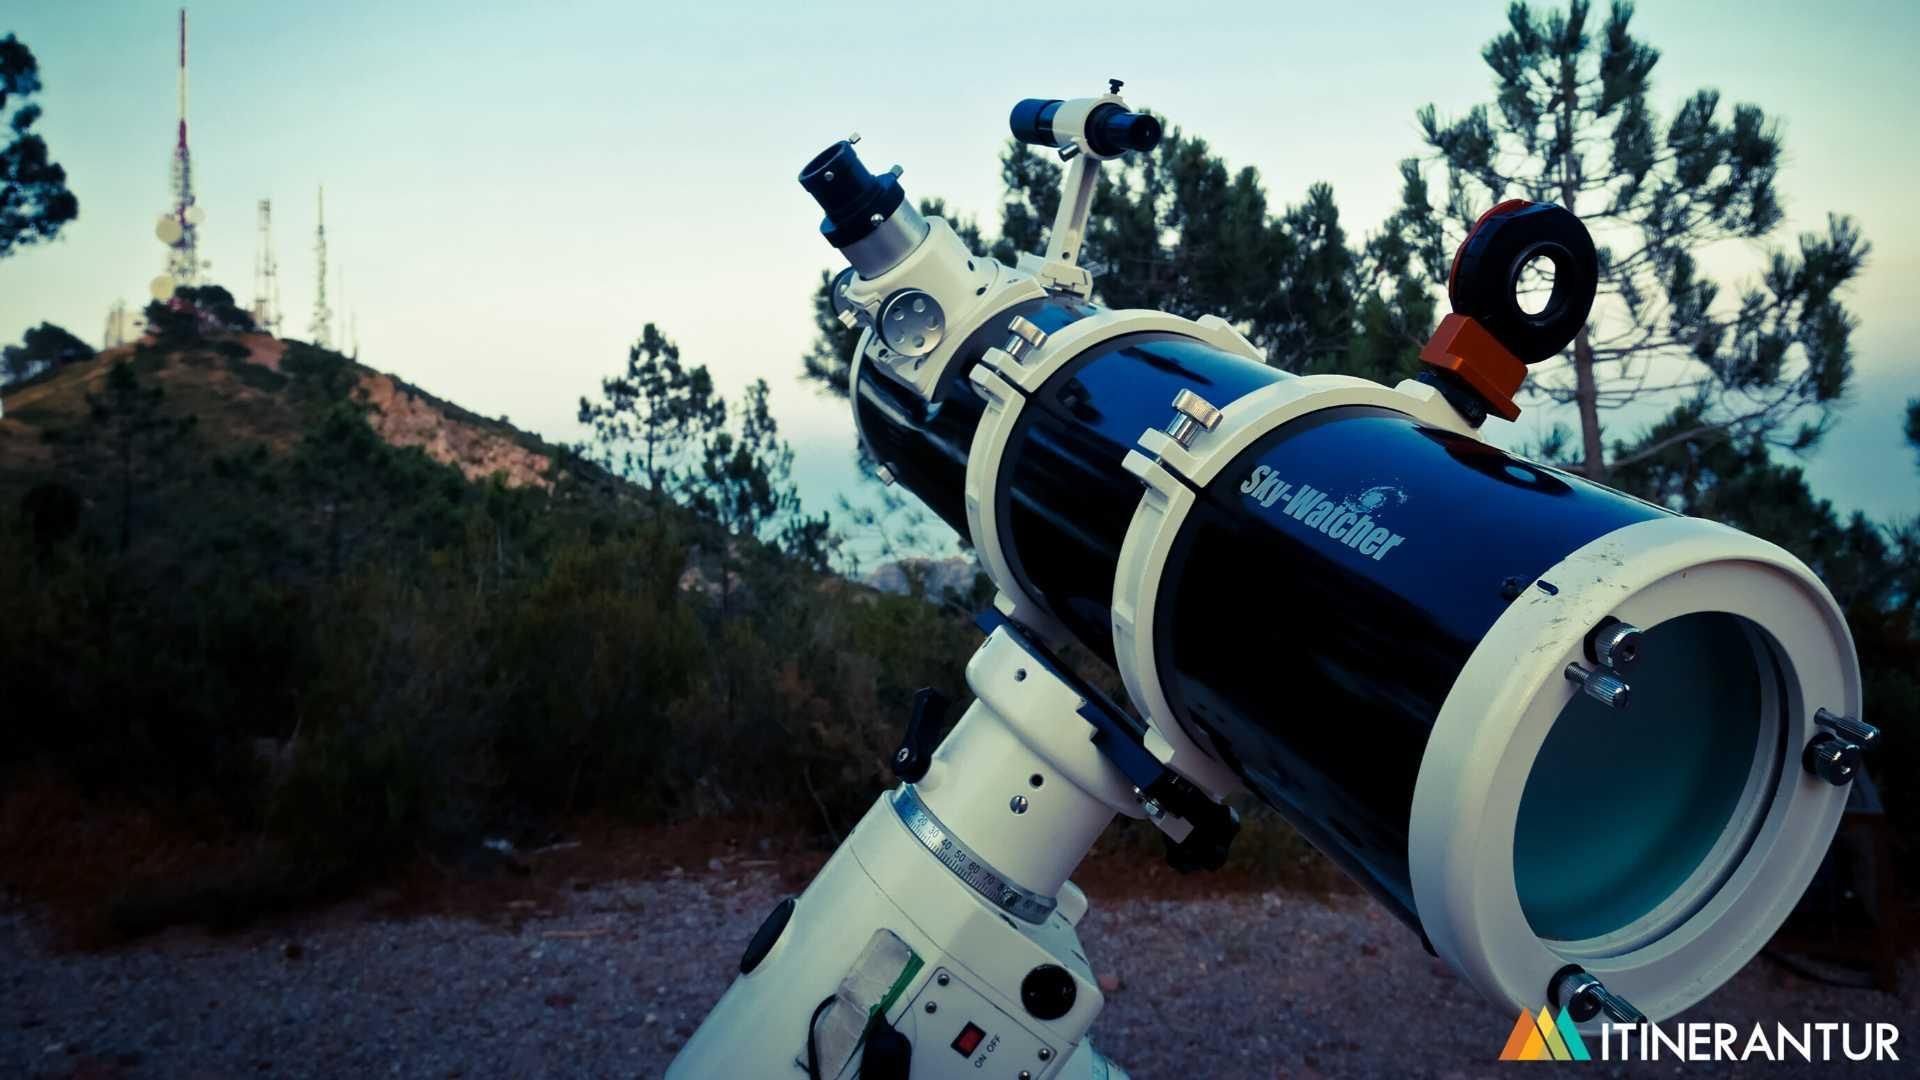 Astroturismo en el Desert de les Palmes